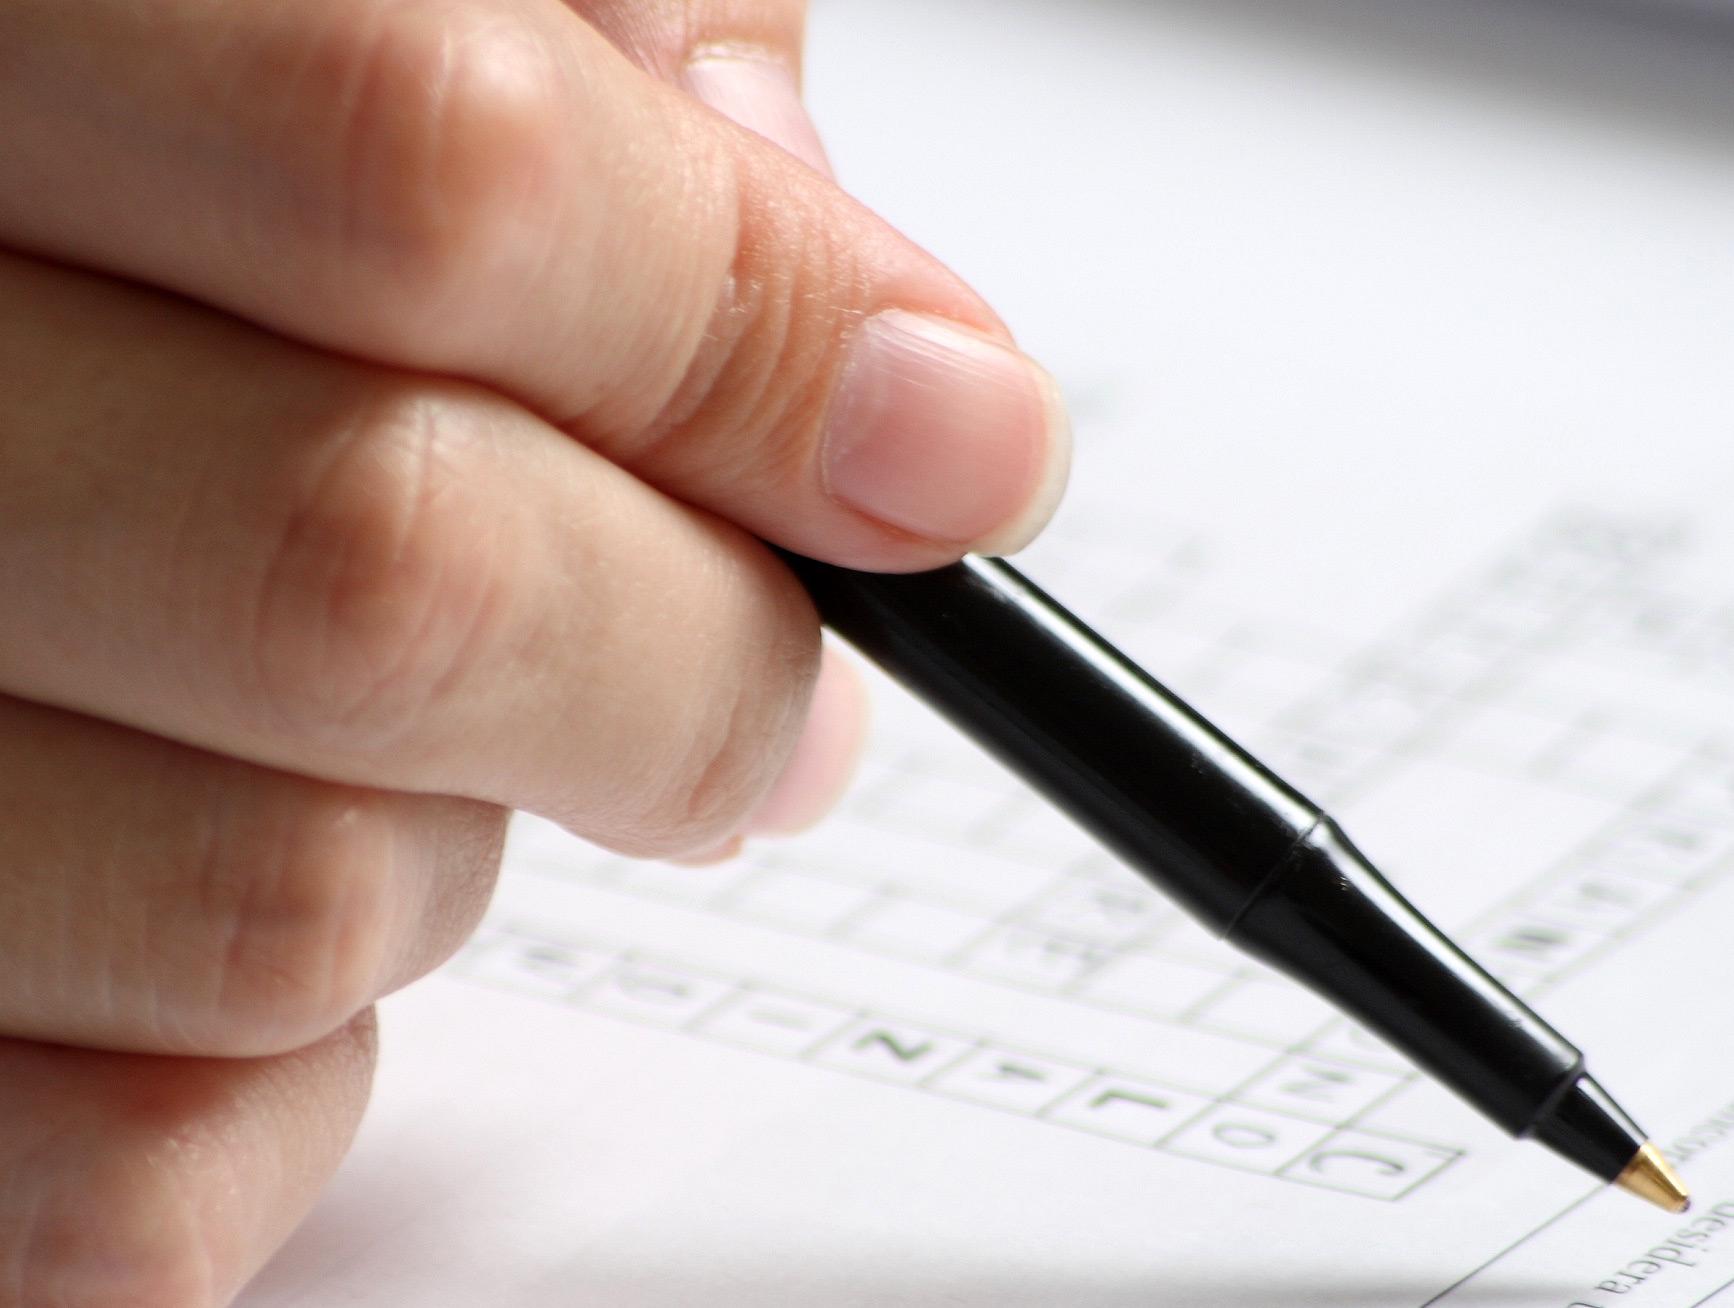 Шаблон заявления на увольнение и уведомление руководства